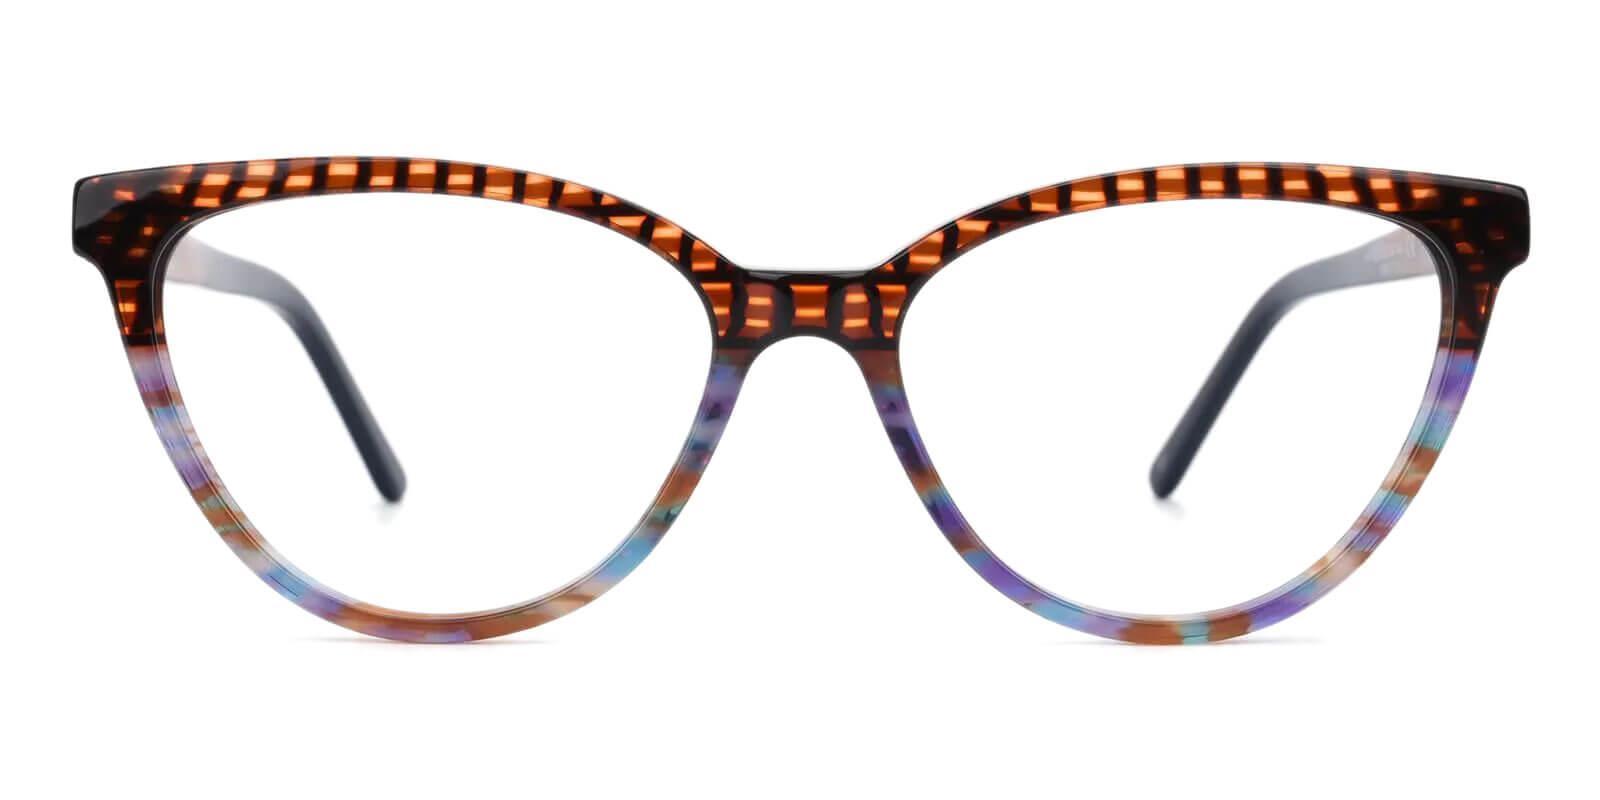 Sazava Tortoise Acetate Eyeglasses , UniversalBridgeFit Frames from ABBE Glasses